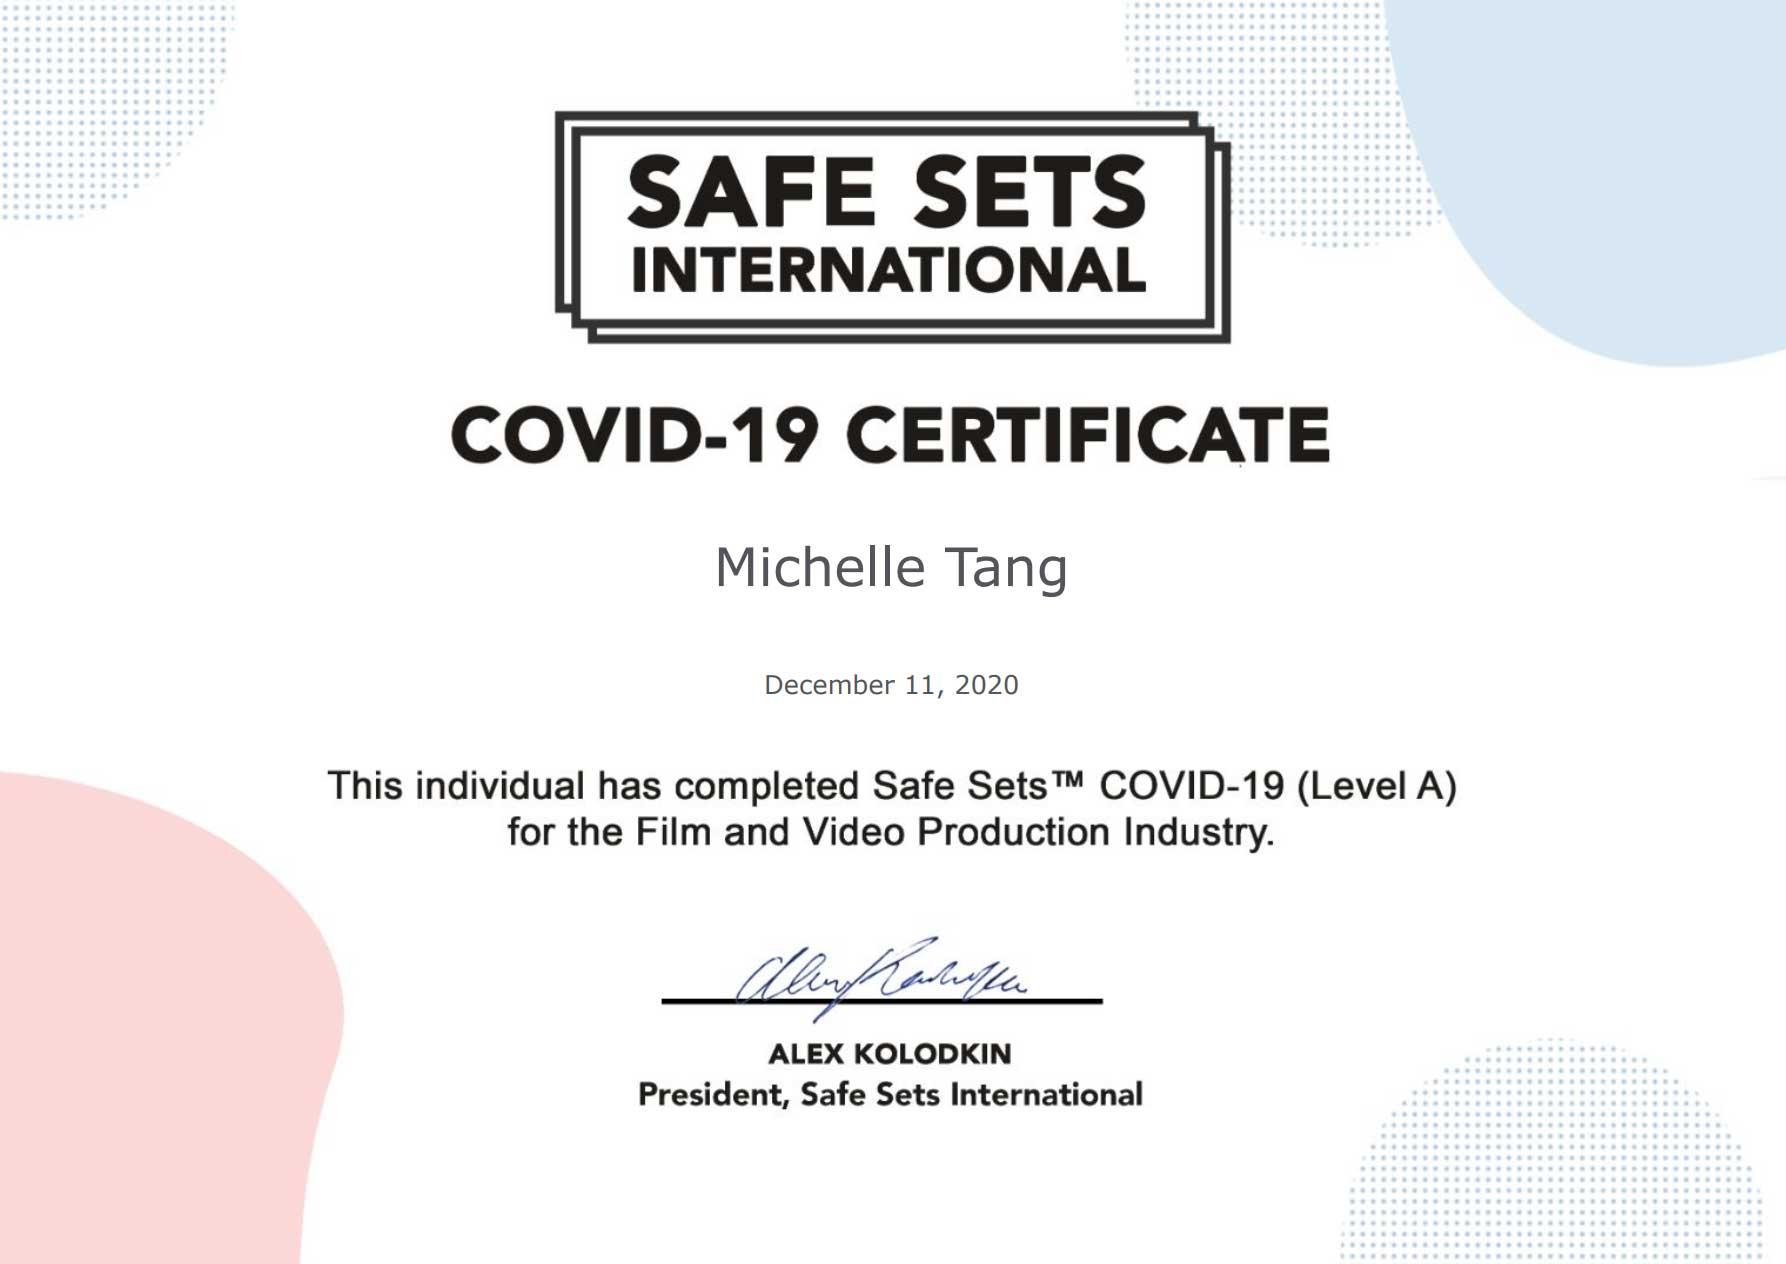 Safe Sets International Certificate